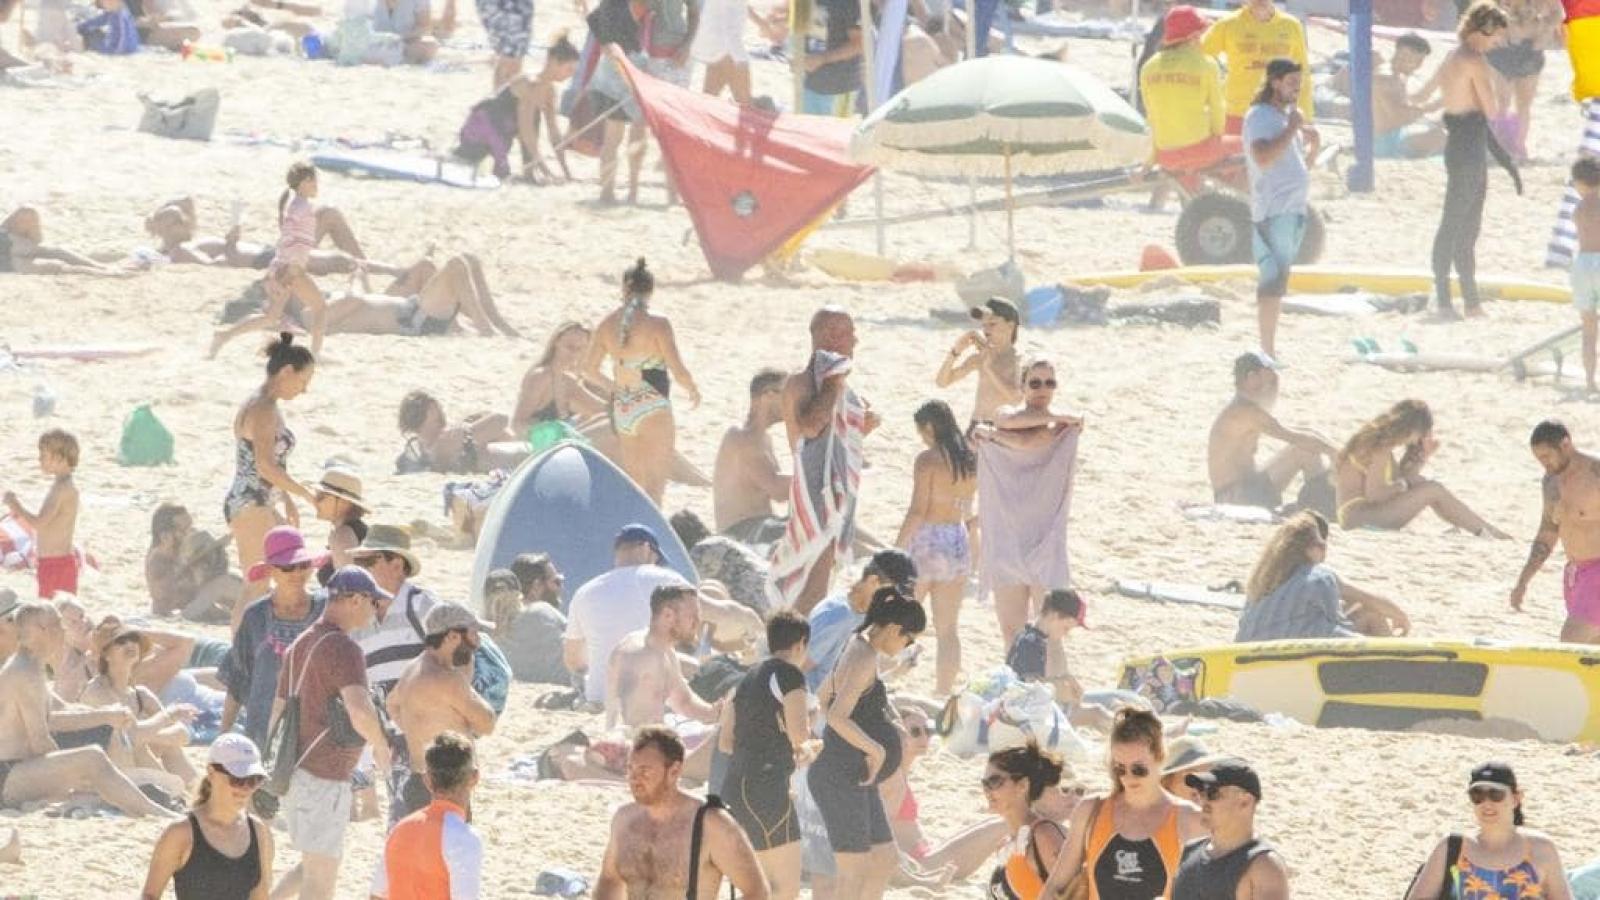 Người dân Australia chào đón Quốc khánh trong nắng nóng thiêu đốt